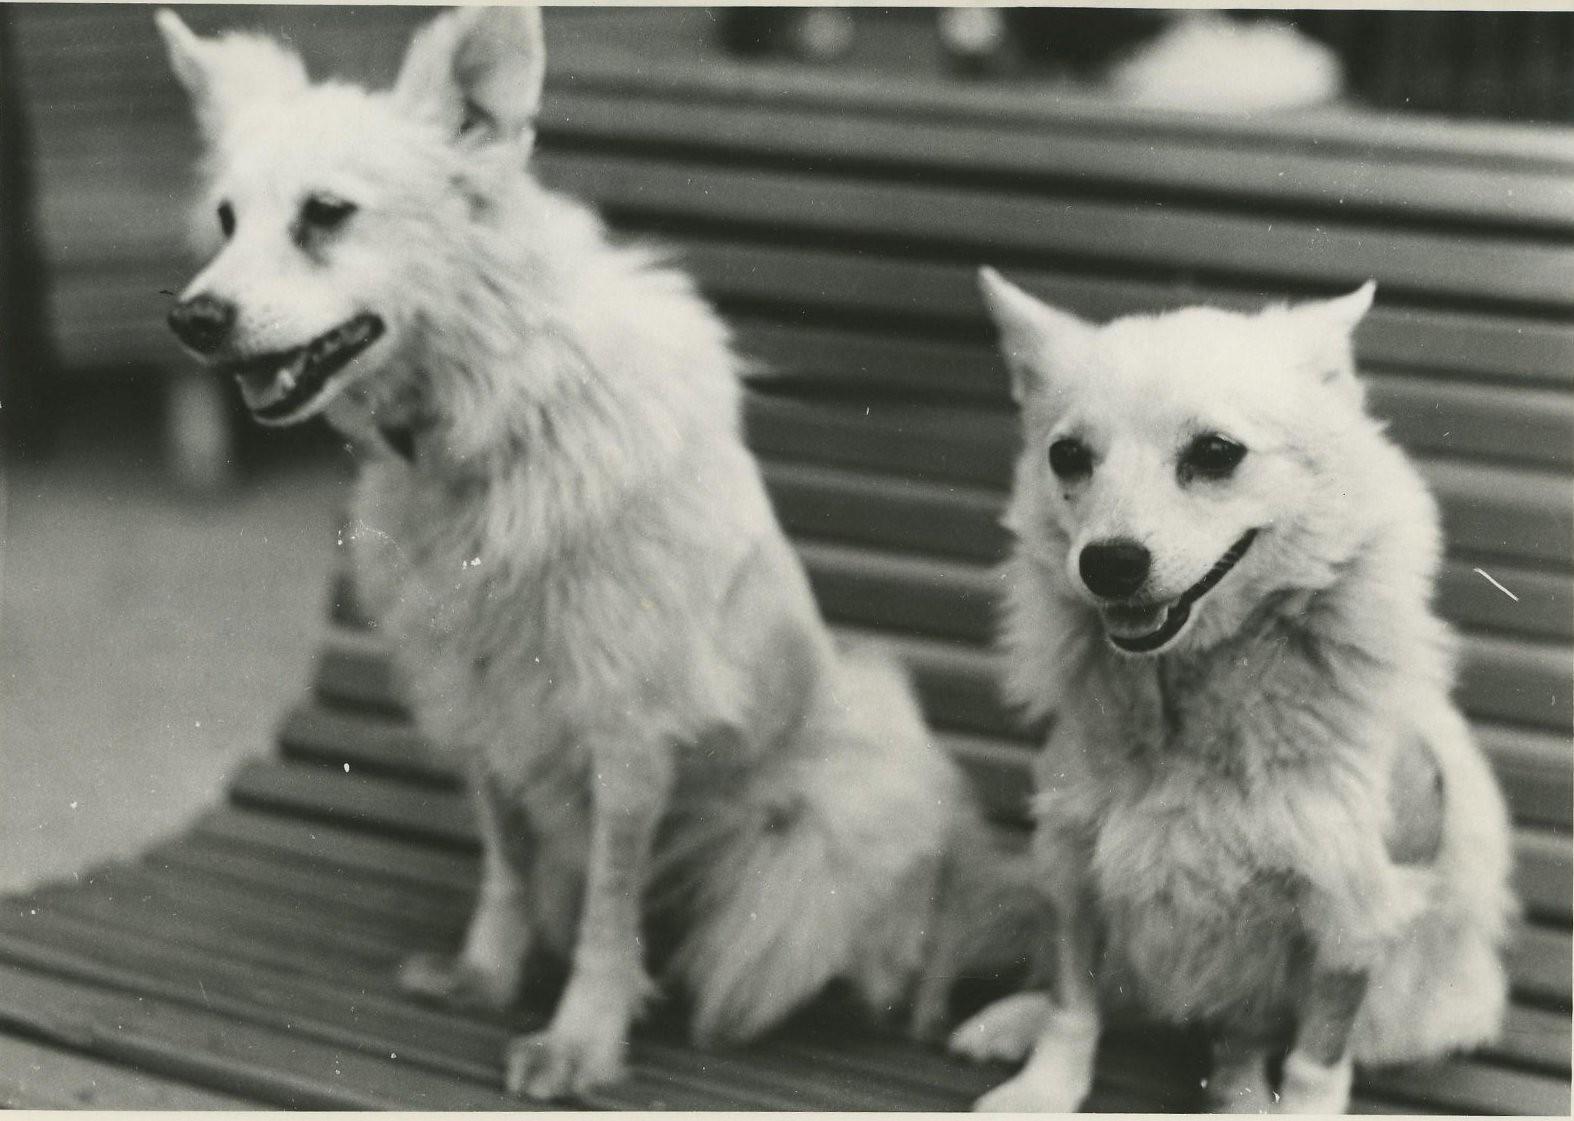 1959. Подопытные собаки Отважная и Жемчужная, поднимавшиеся 10 июляв геофизической баллистической ракете в верхние слои атмосферы